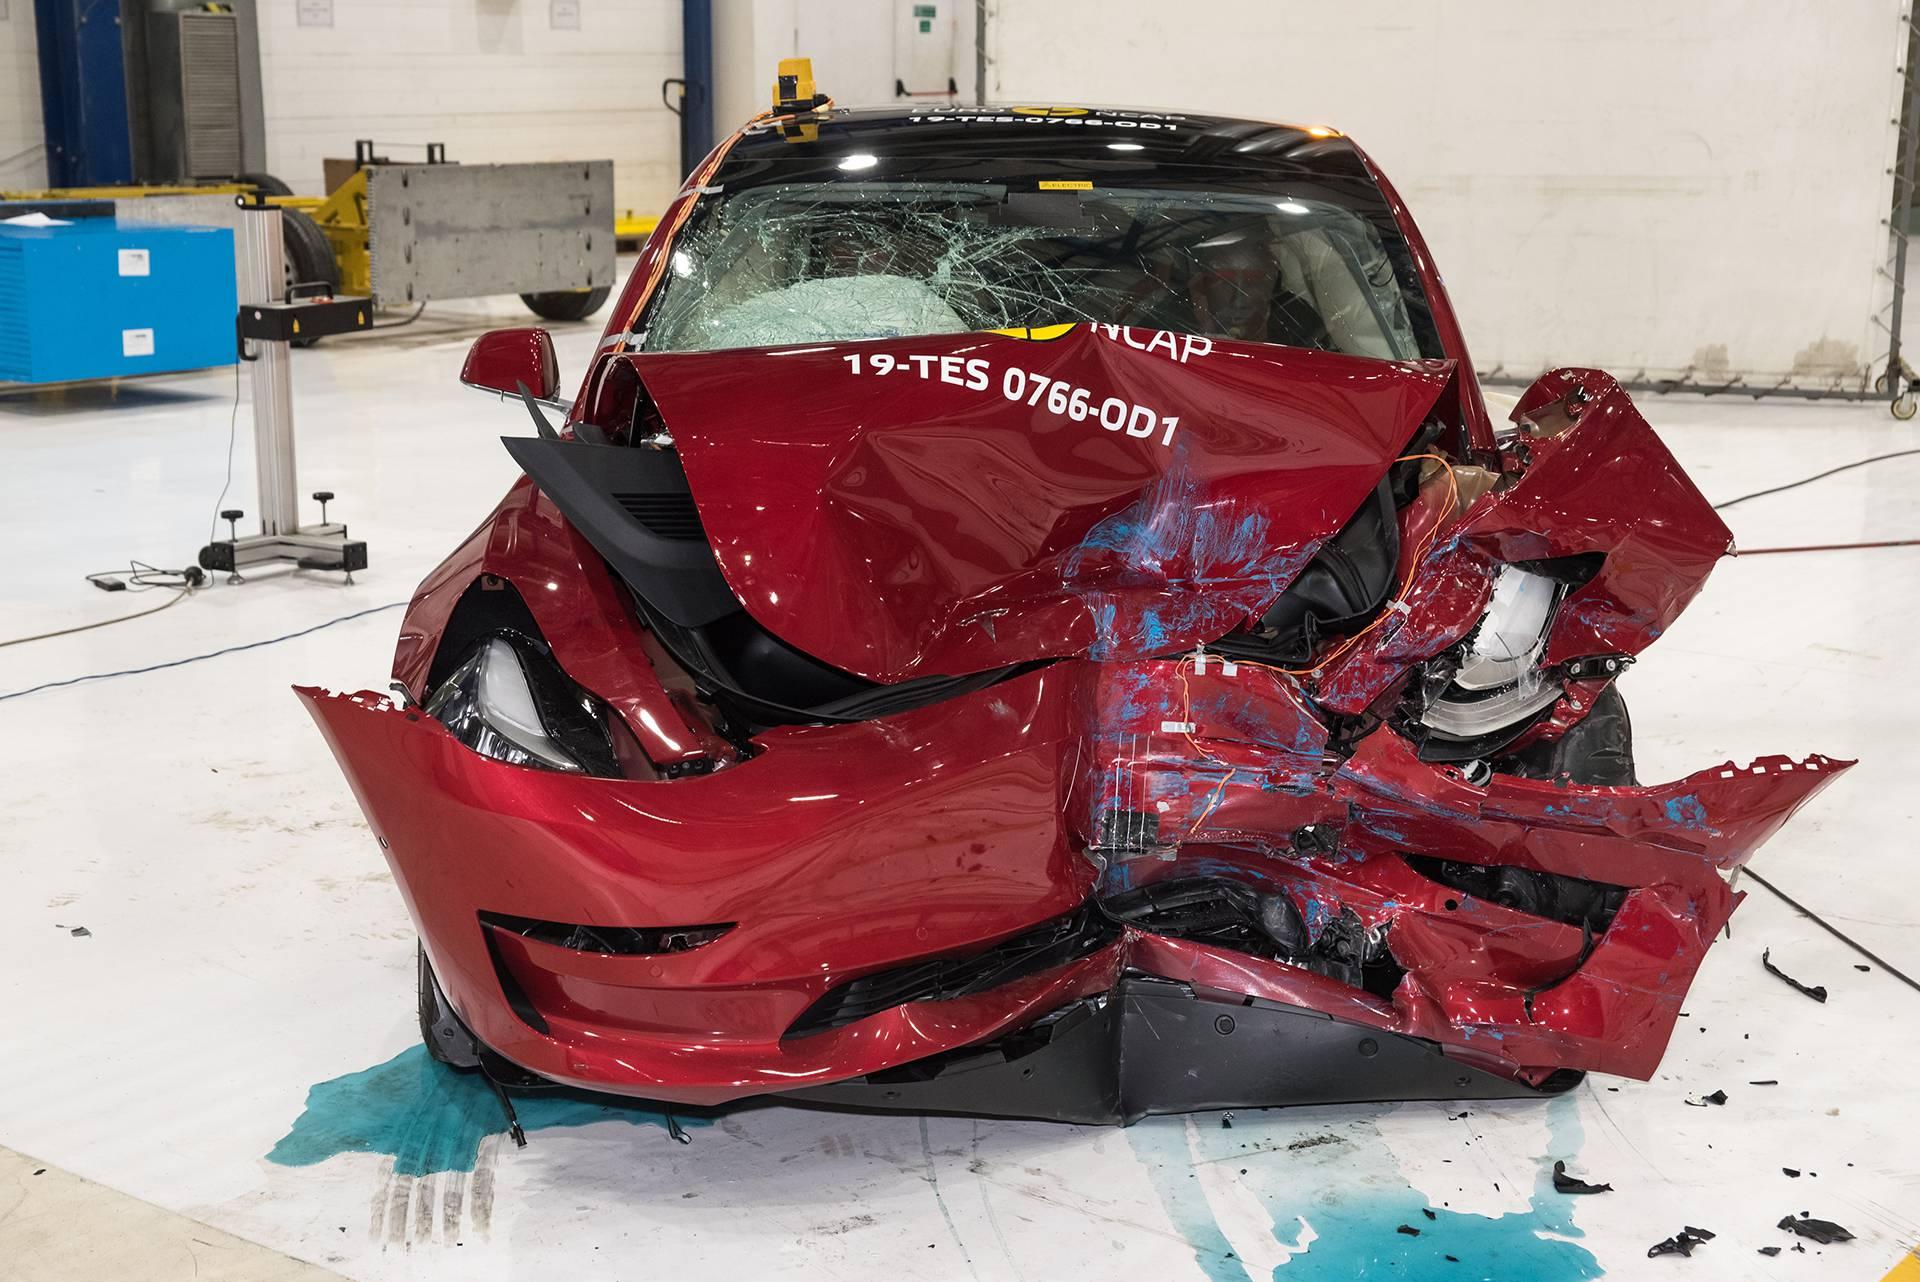 Najsigurniji auti na svijetu su BMW, Audi, Renault, Tesla...